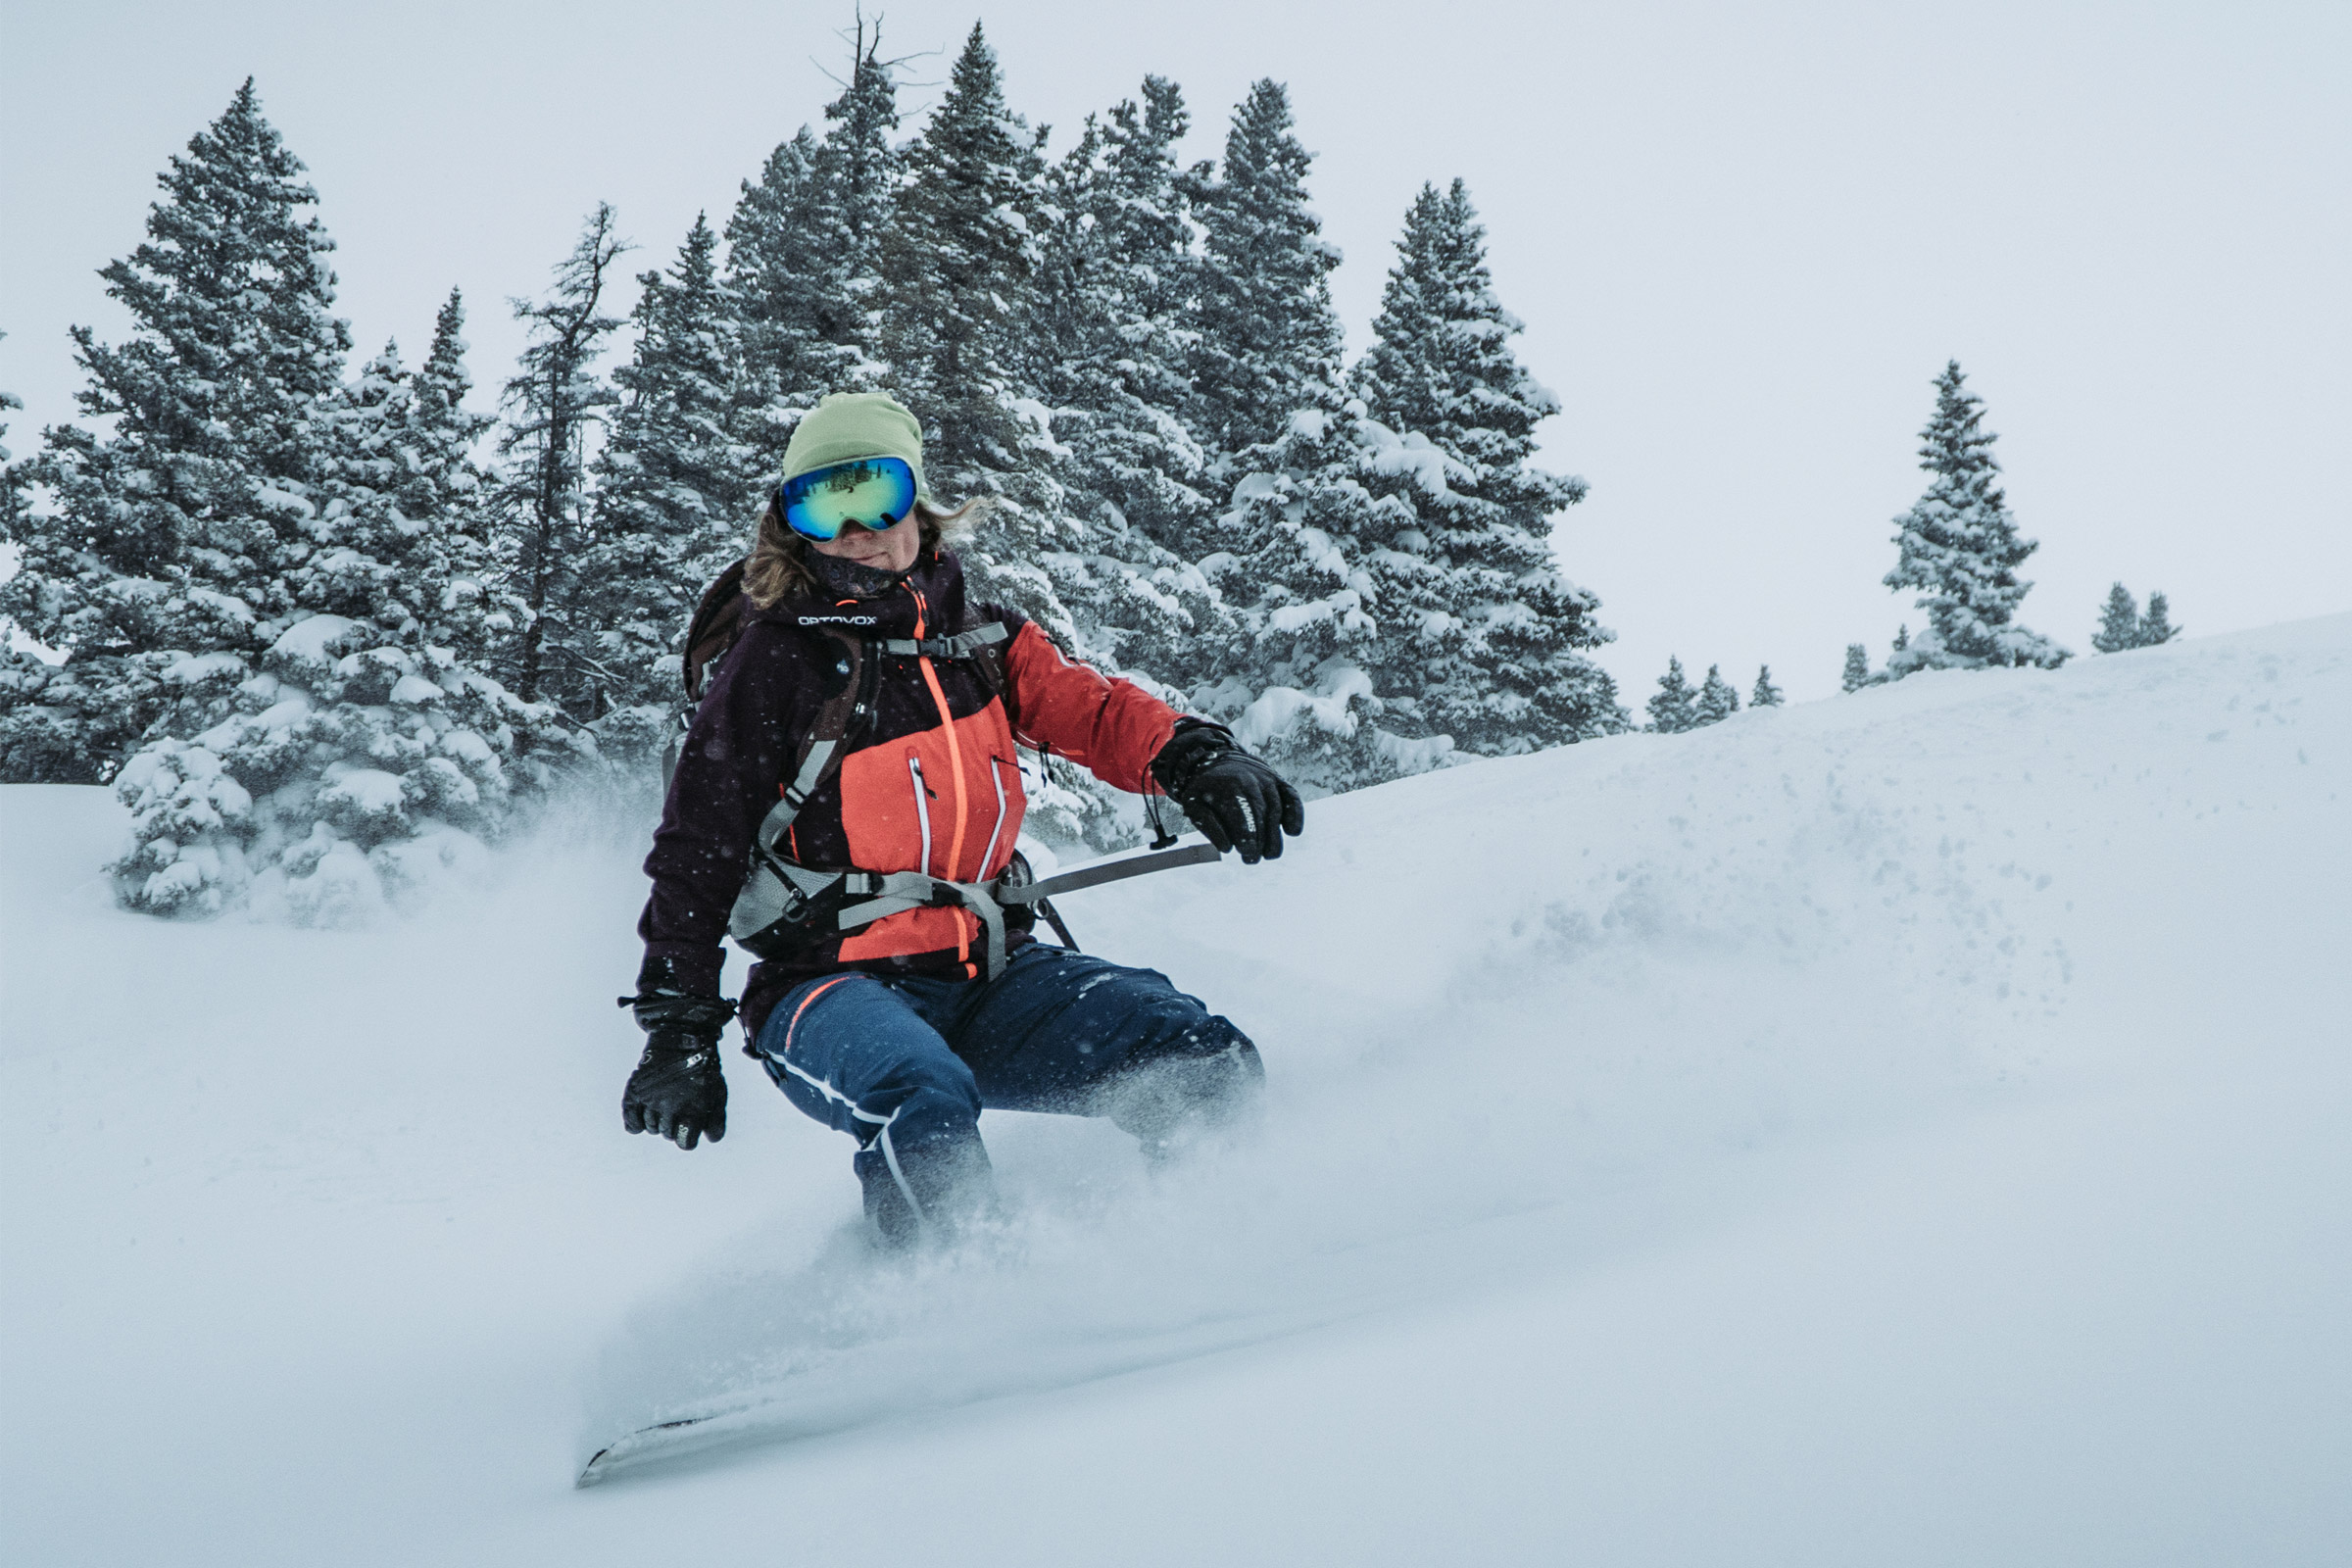 woman snowboarding in winter jacket